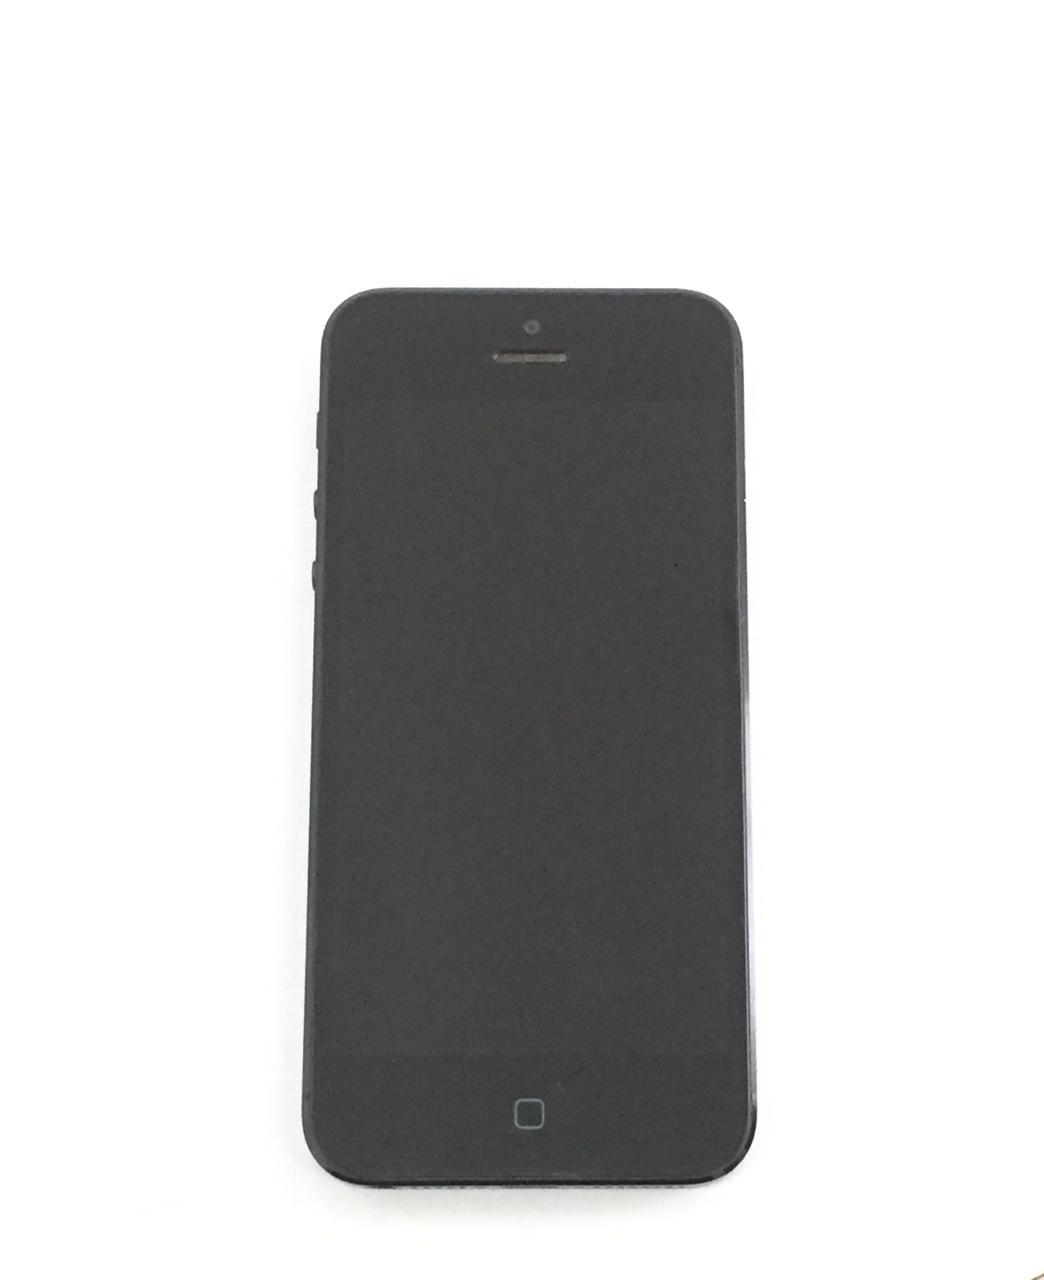 """iPhone 5 4G Tela Retina 4"""" 16GB/1GB processador 1.3 Dual Core 8MP/ 1,2MP IOS 9 - Recondicionado"""